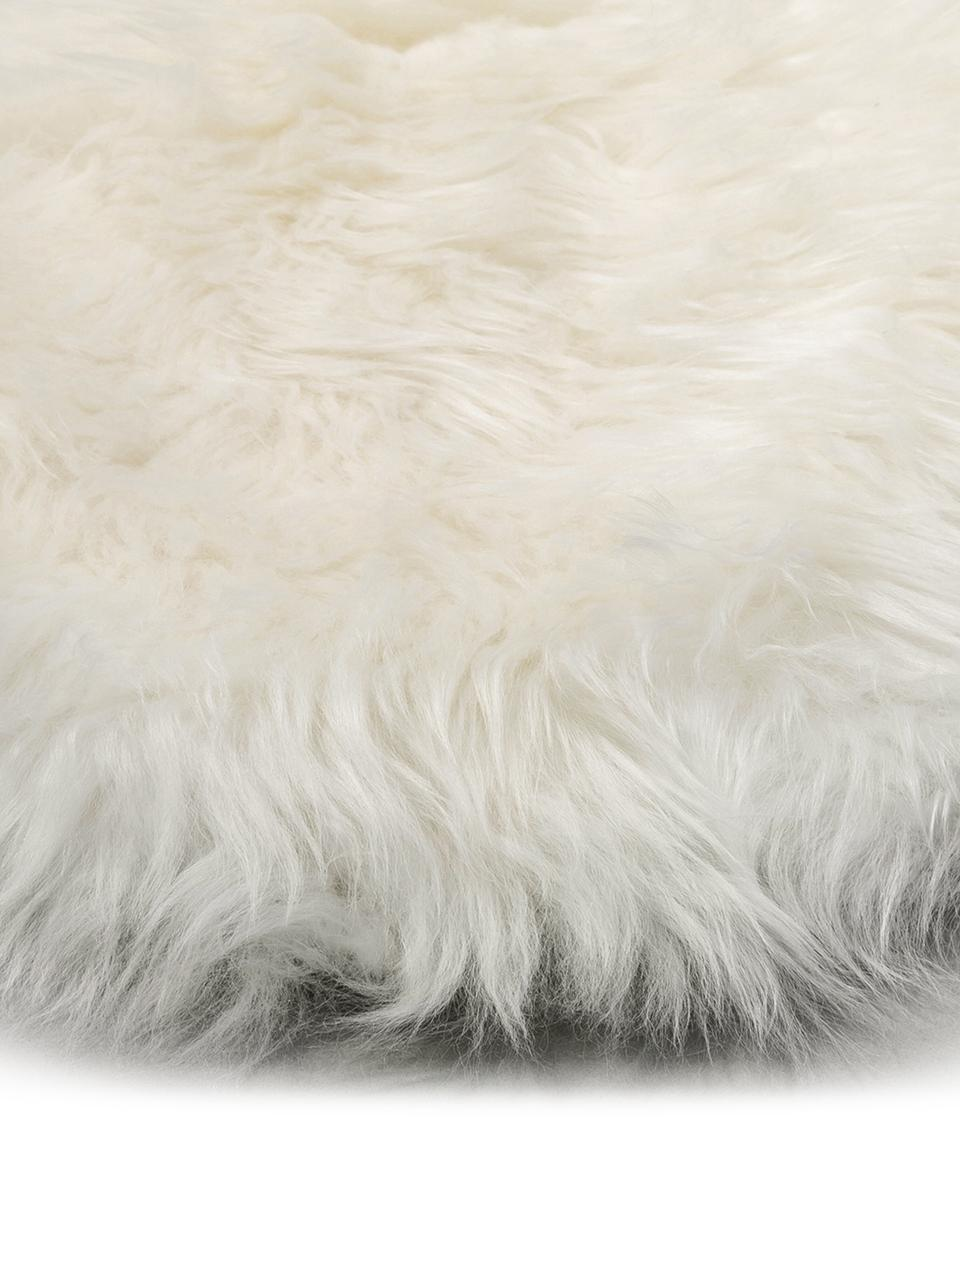 Schapenvacht Oslo, glad, Bovenzijde: 100% schapenvacht, Onderzijde: 100% leer, chroomvrij gel, Crèmewit, 60 x 90 cm